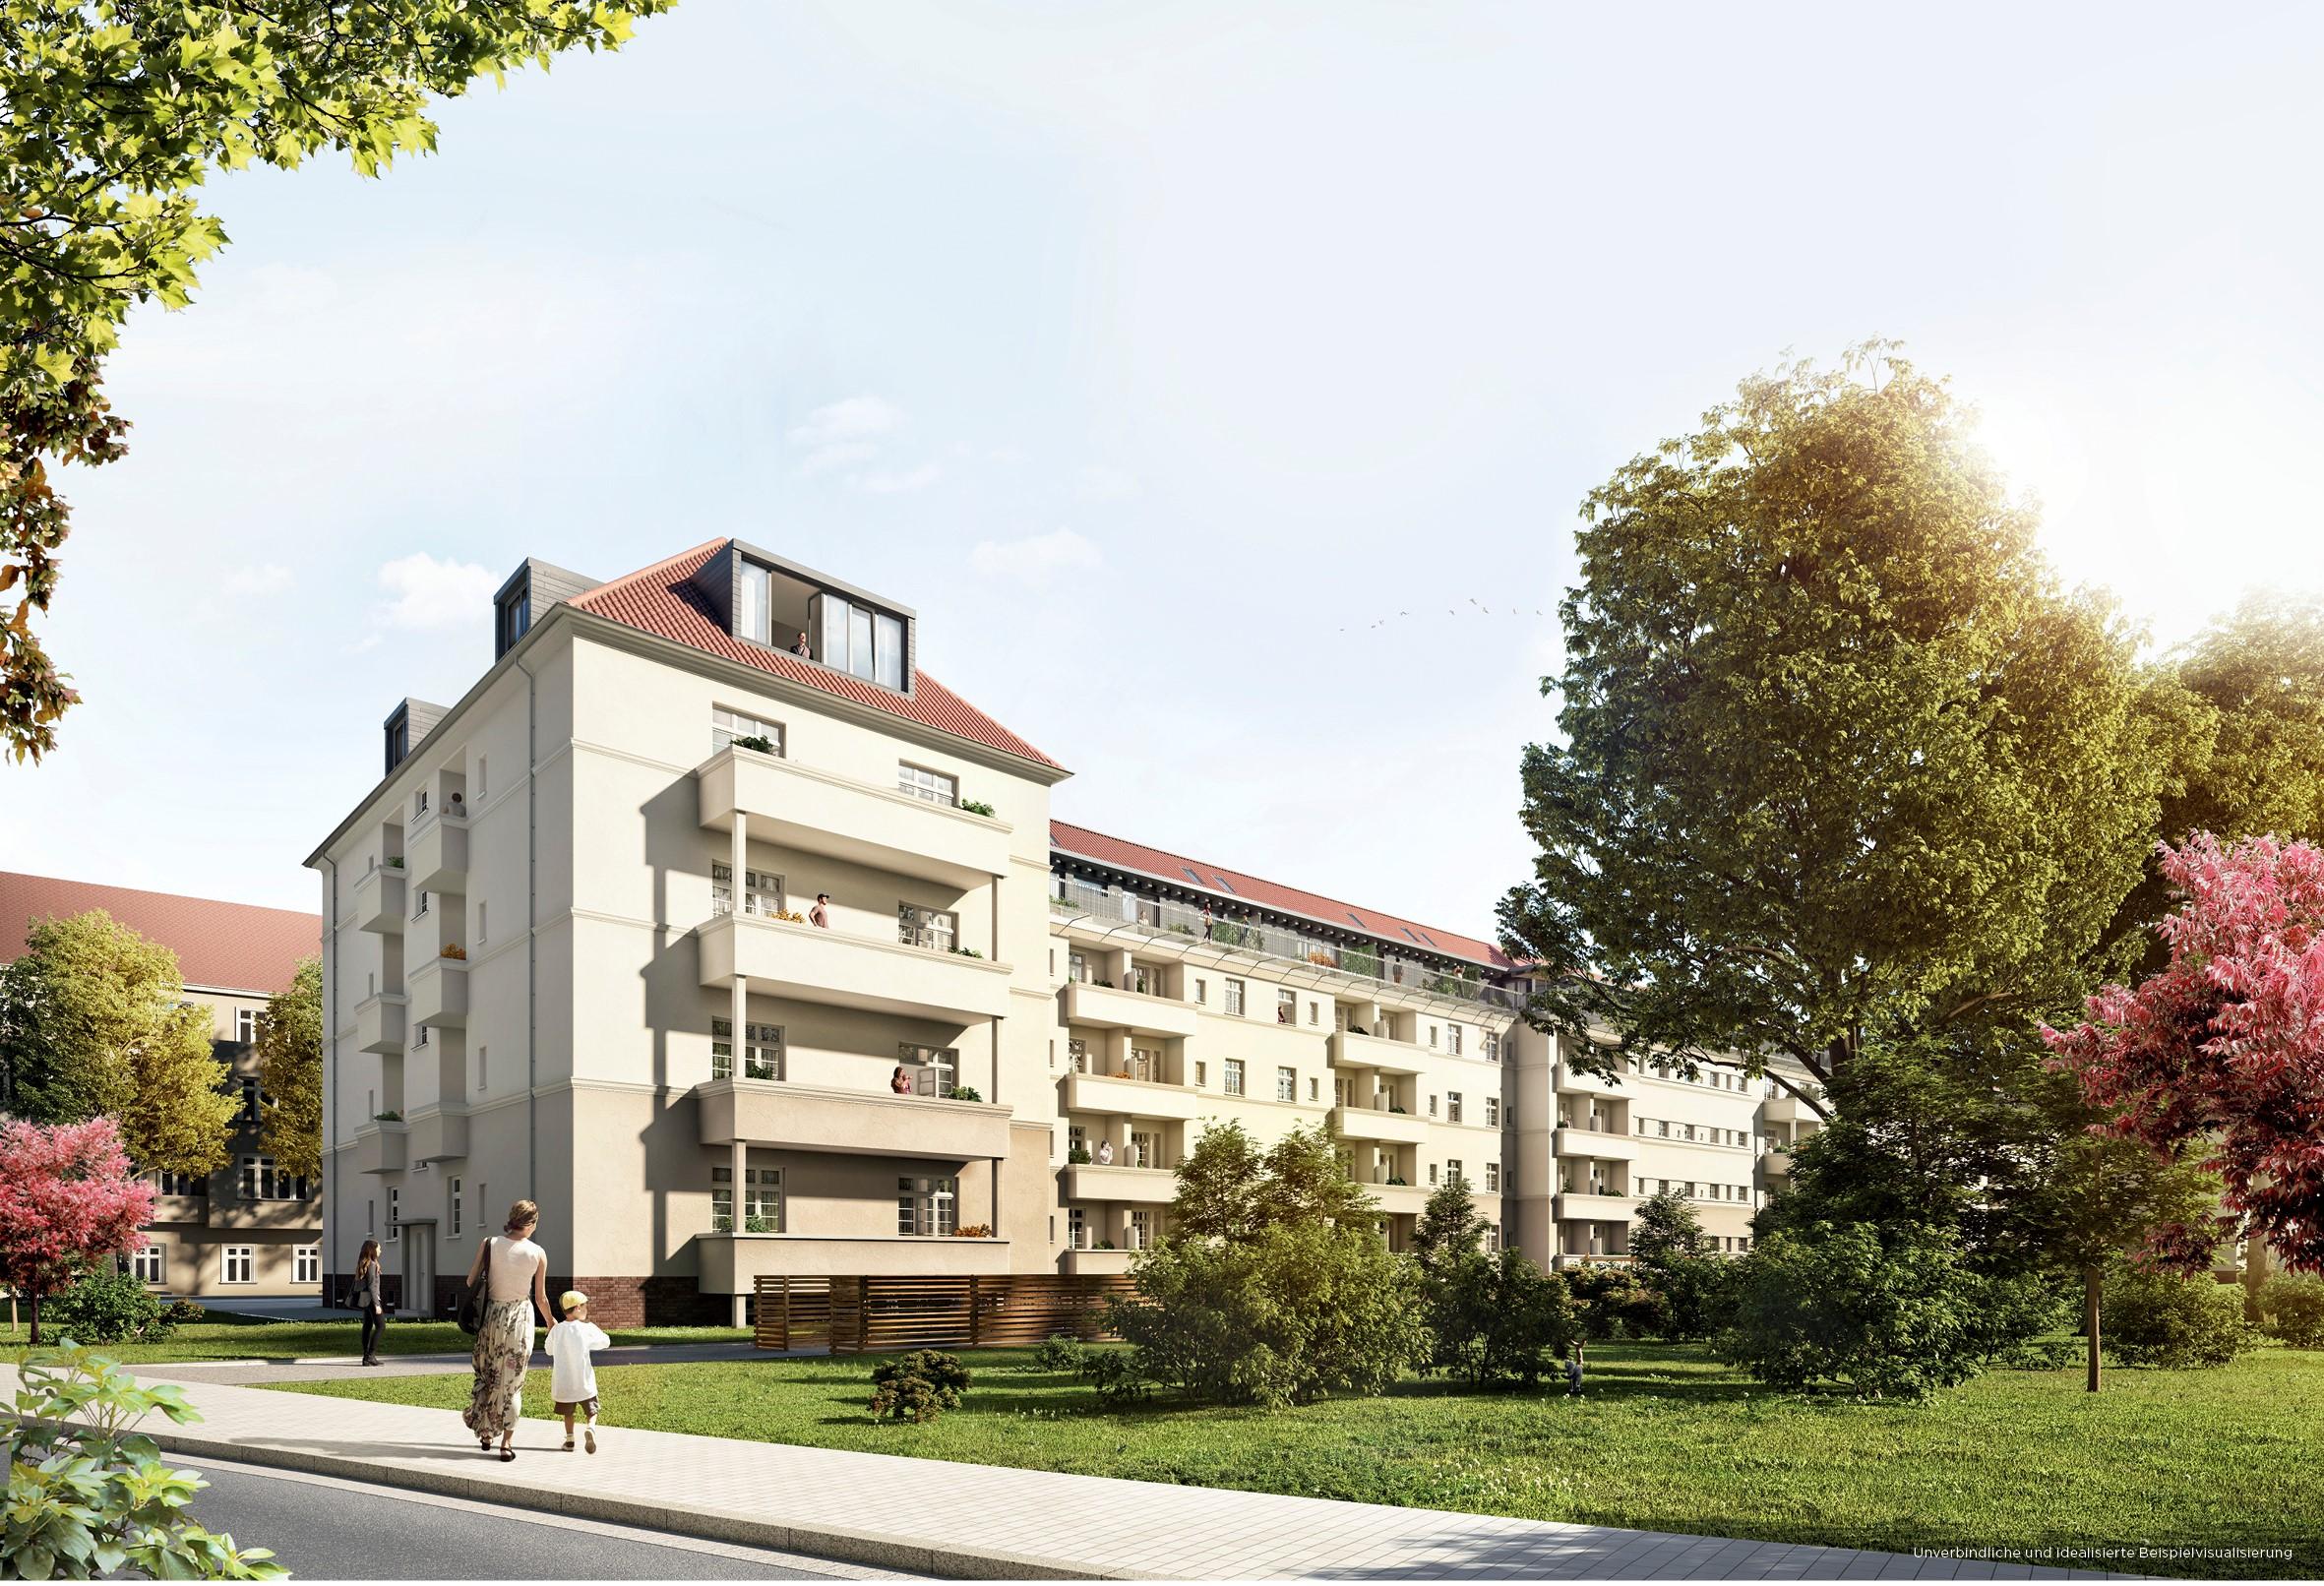 Wohnträume in Spandau - Bautenstand Juni 2019 2